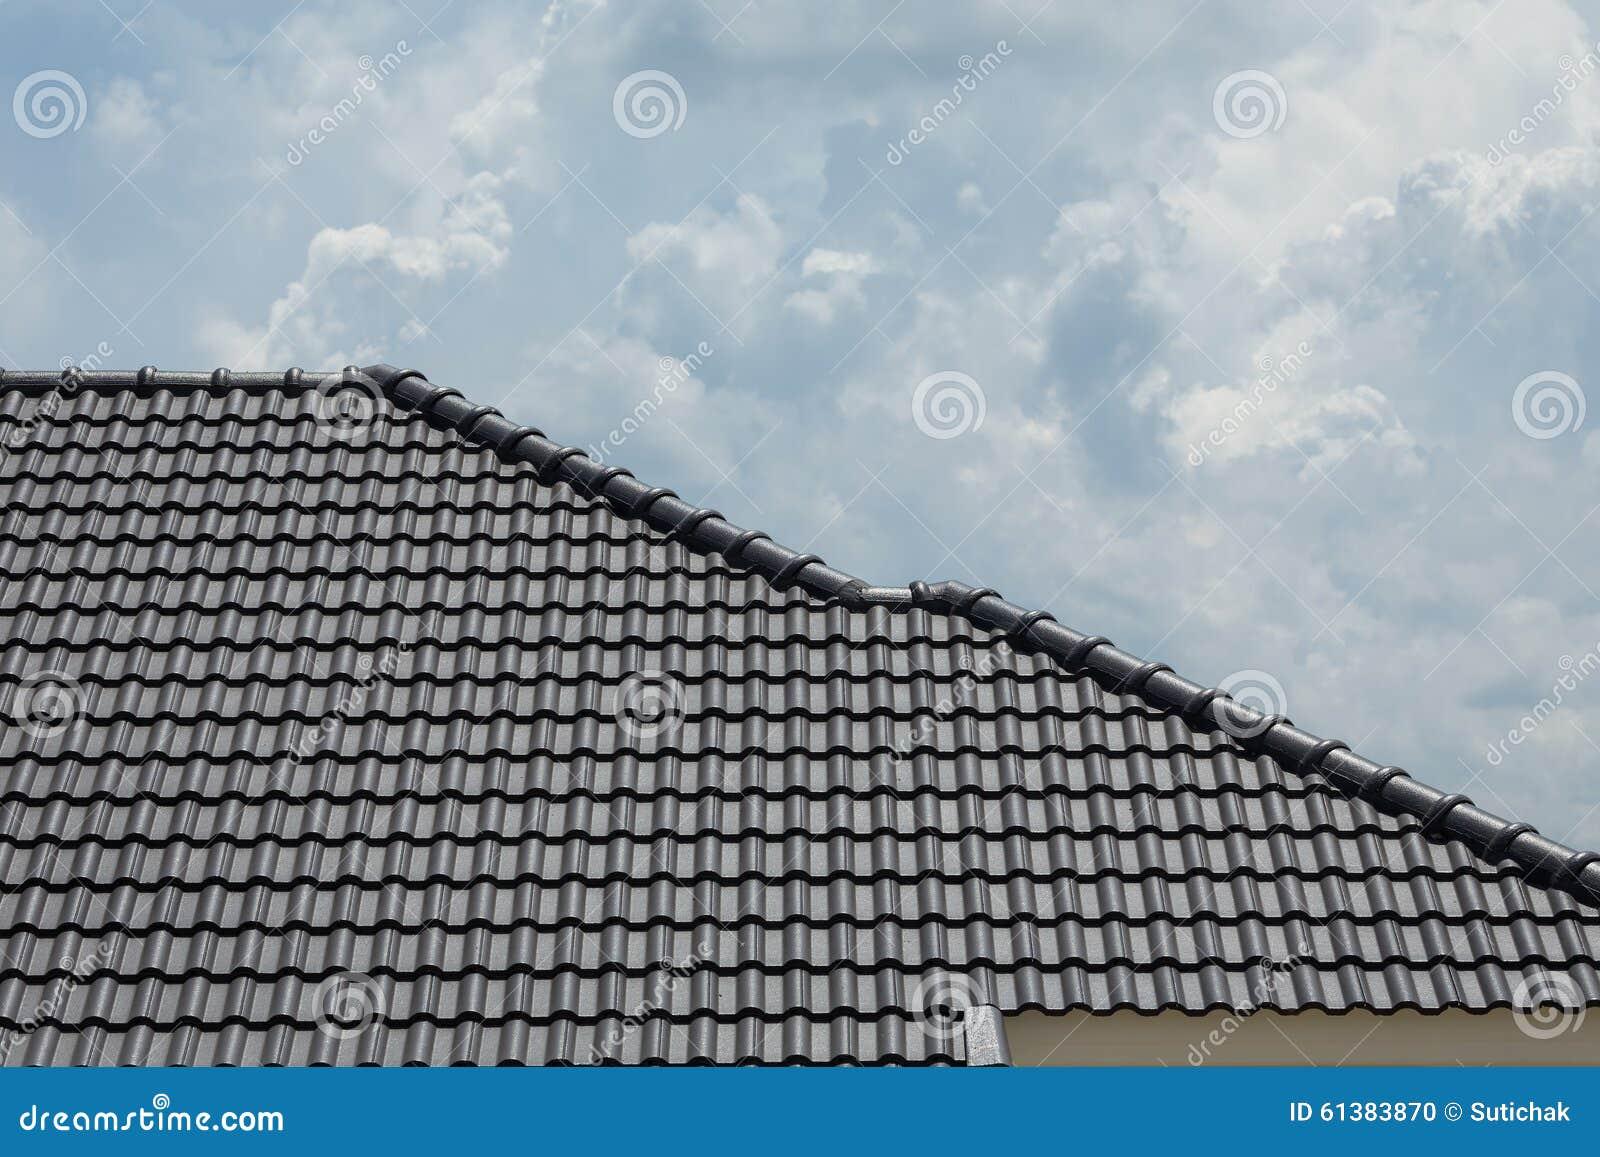 toit de tuile noir sur la maison de r sidence de b timent photo stock image 61383870. Black Bedroom Furniture Sets. Home Design Ideas